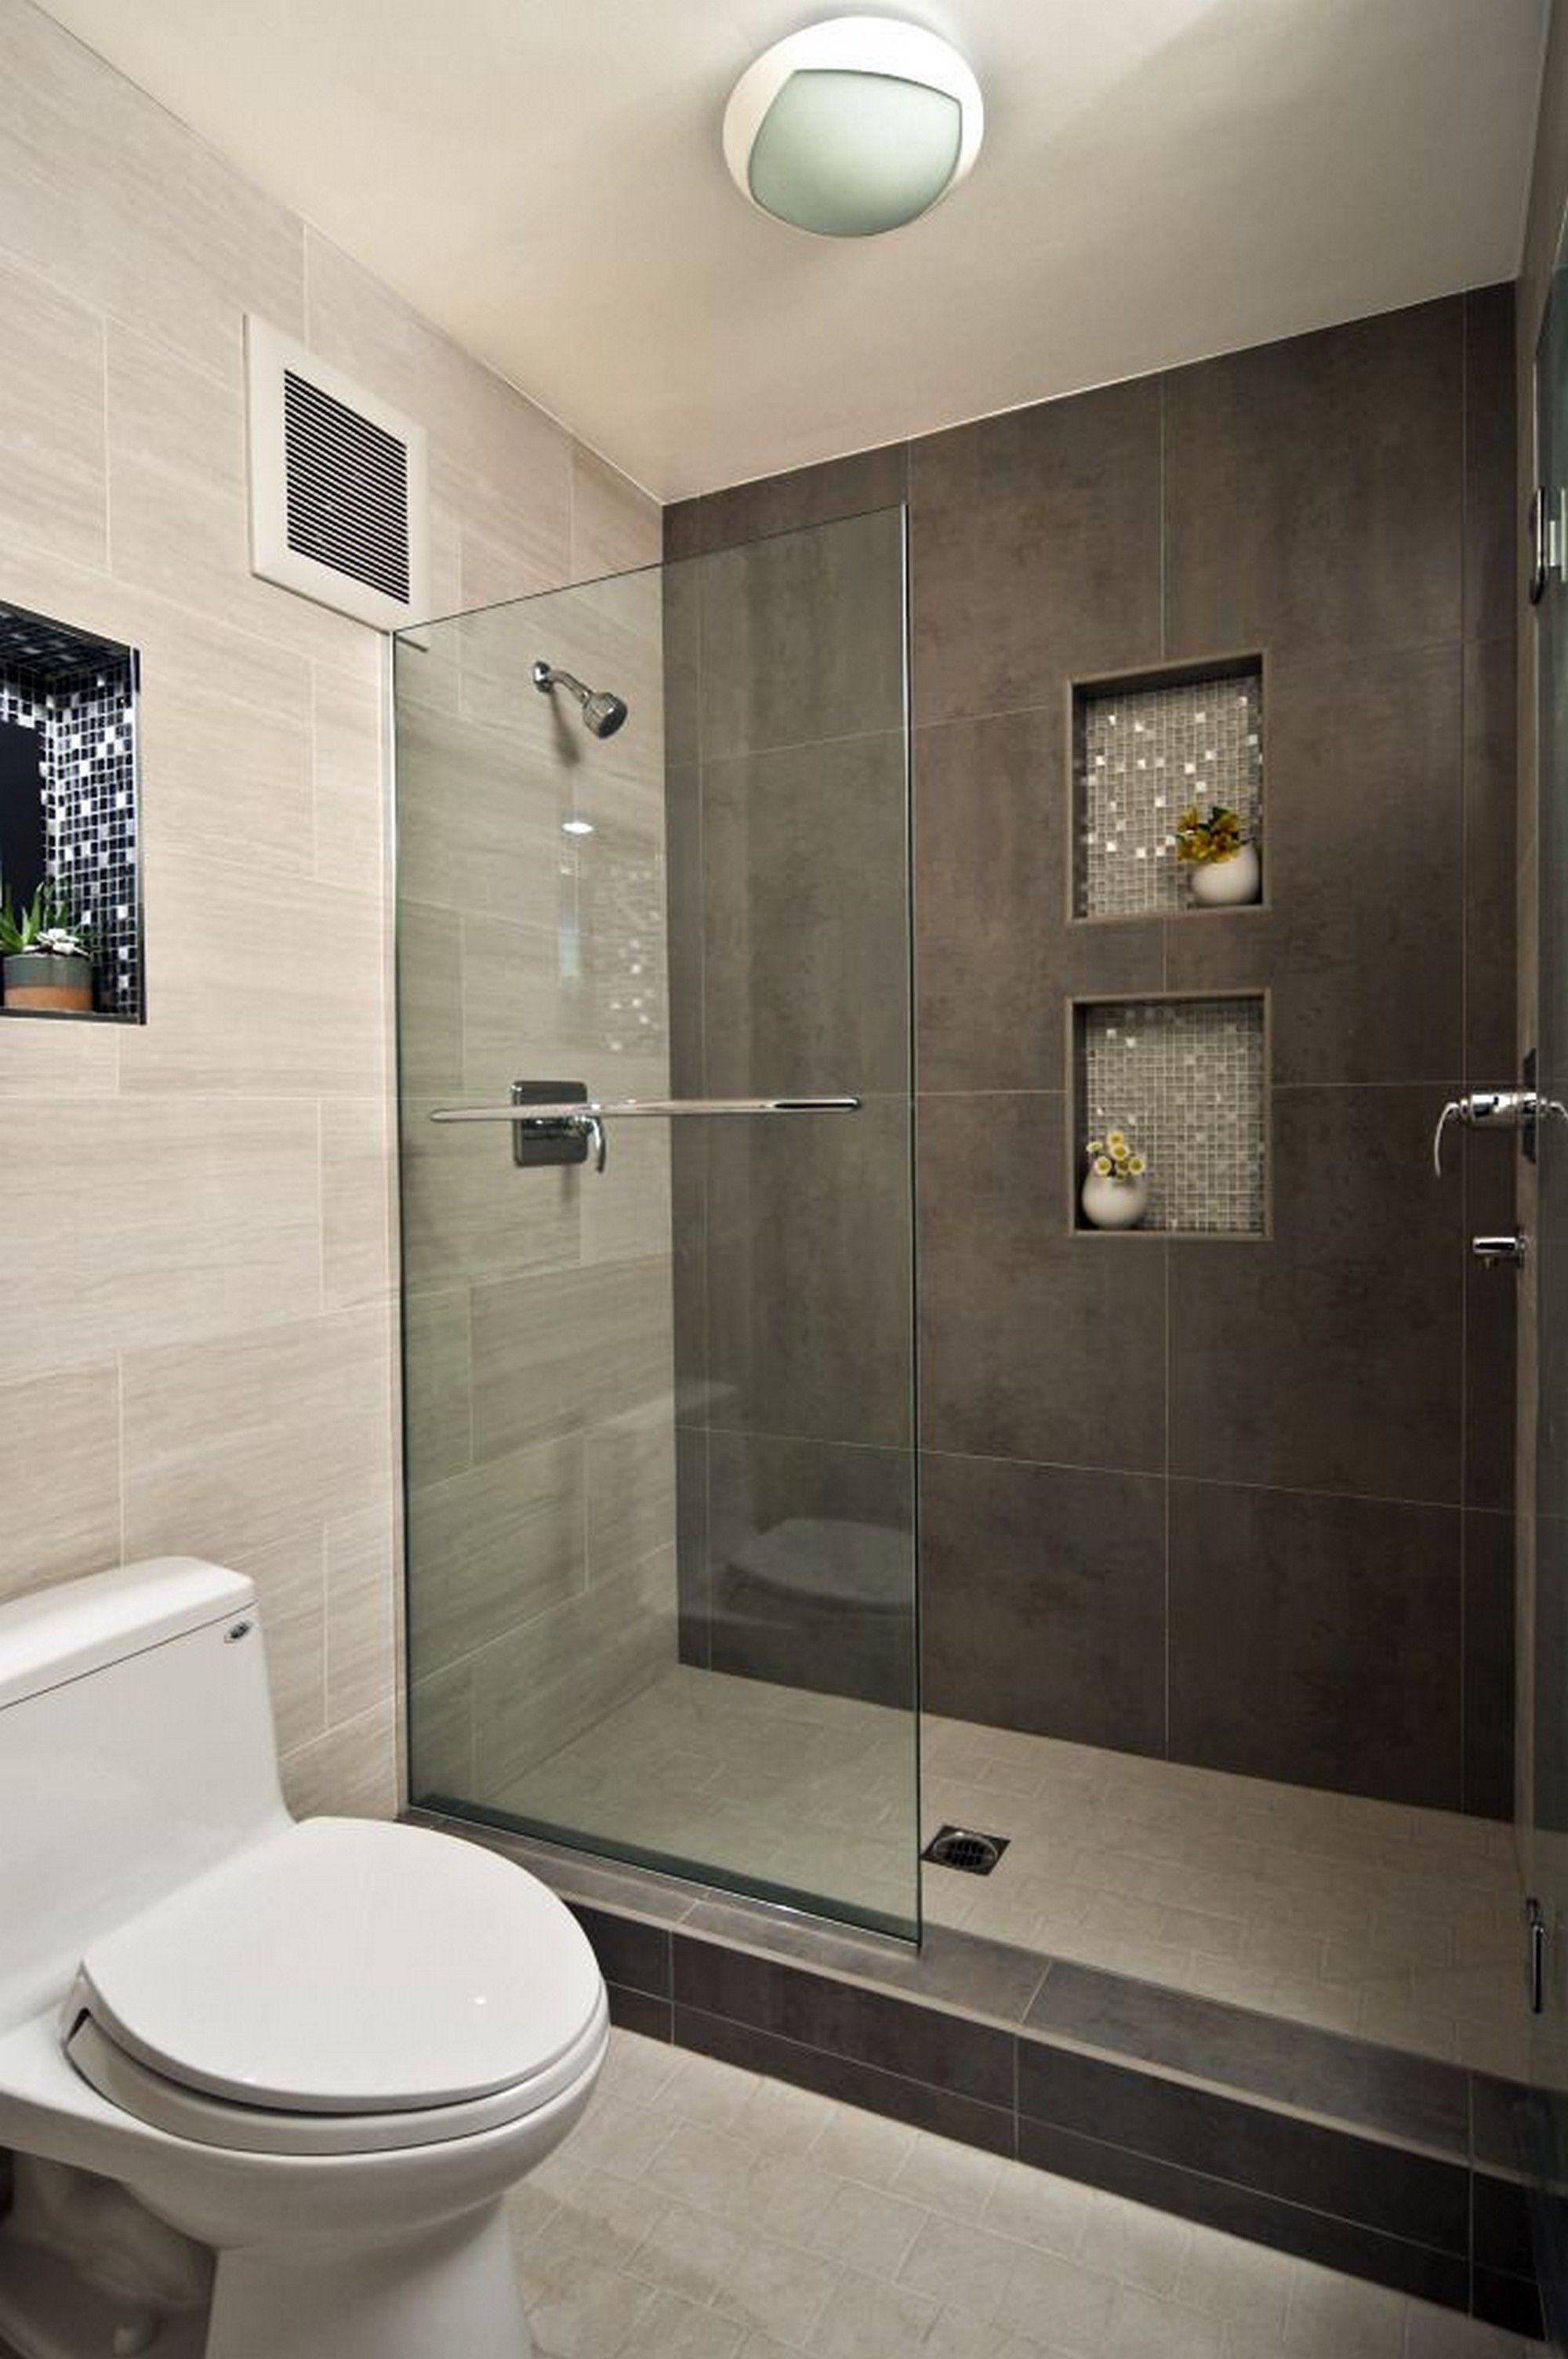 Modern Bathroom Design Ideas With Walk In Shower Interior Vogue Alcove Toilet Bathtub